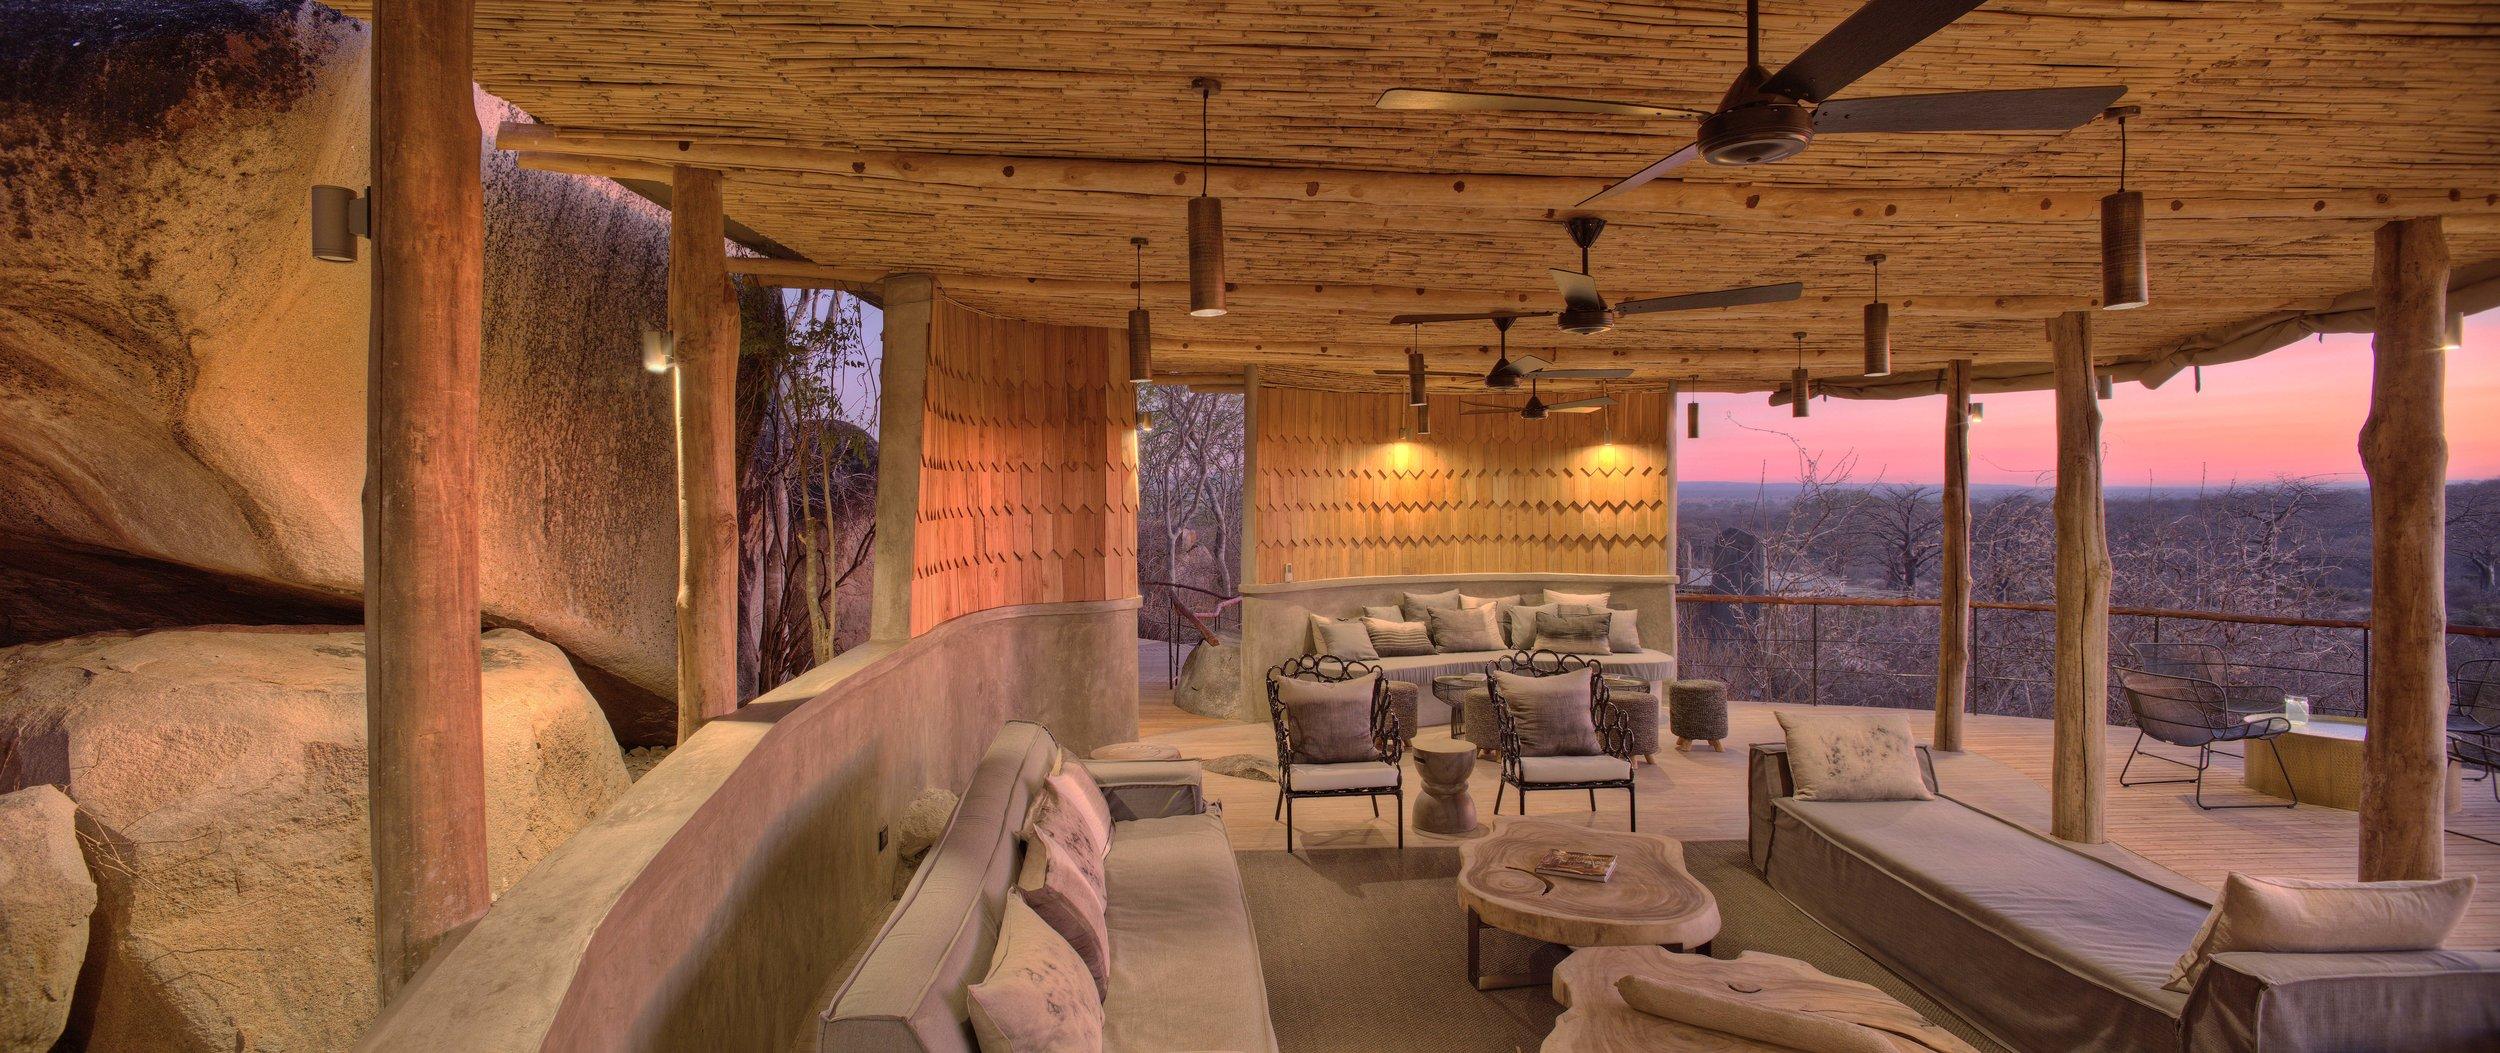 Jabali-Lounge-Area.jpg